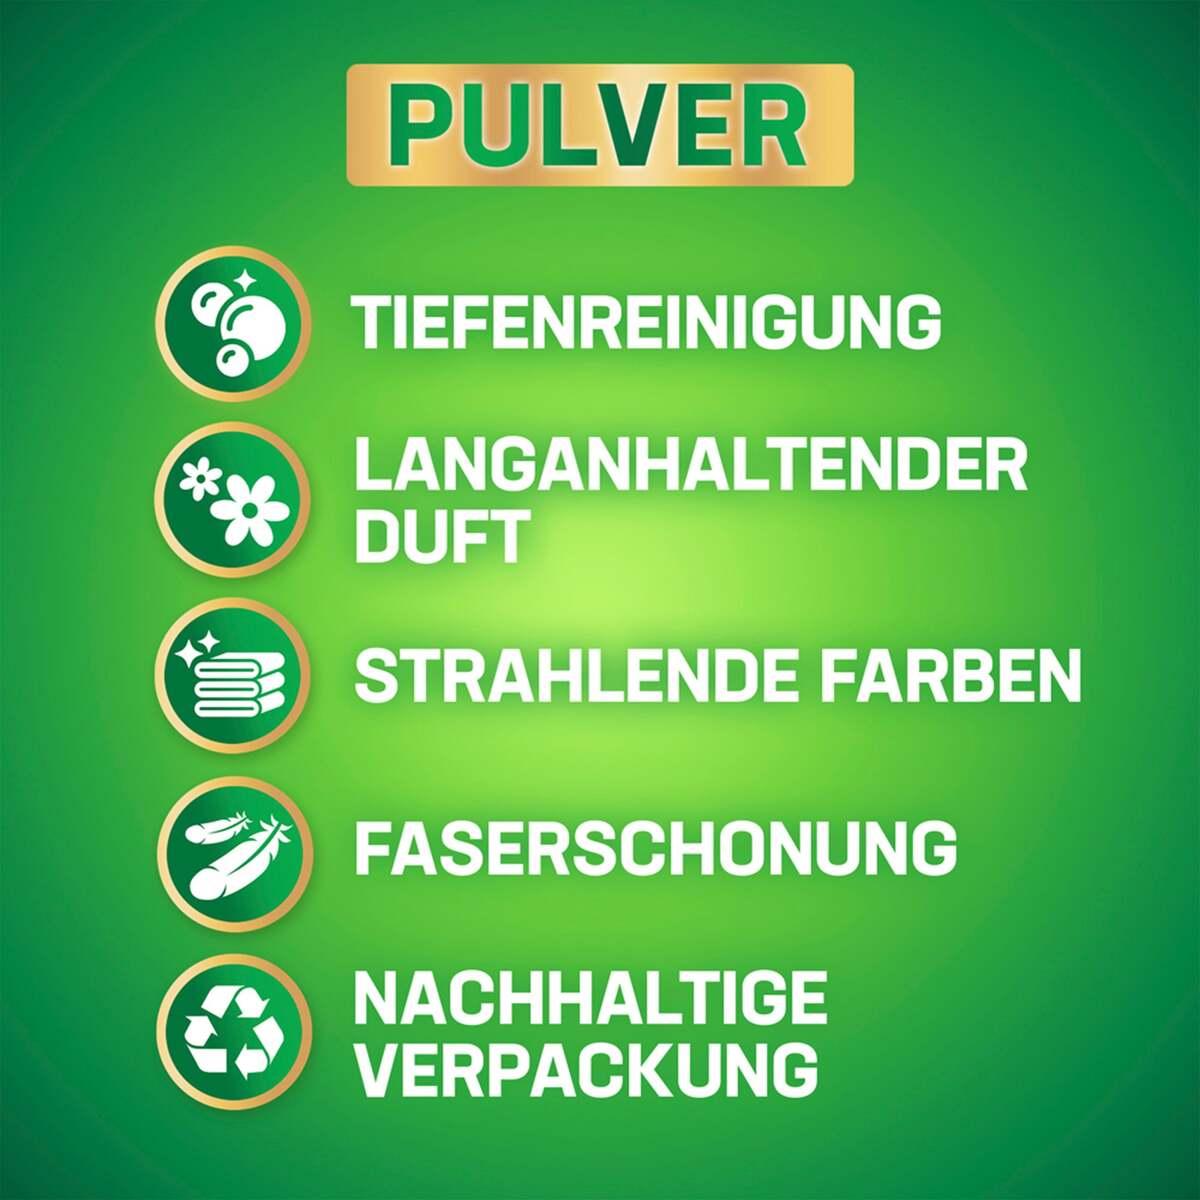 Bild 4 von Persil Colorwaschmittel Pulver 120 WL 0.21 EUR/1 WL